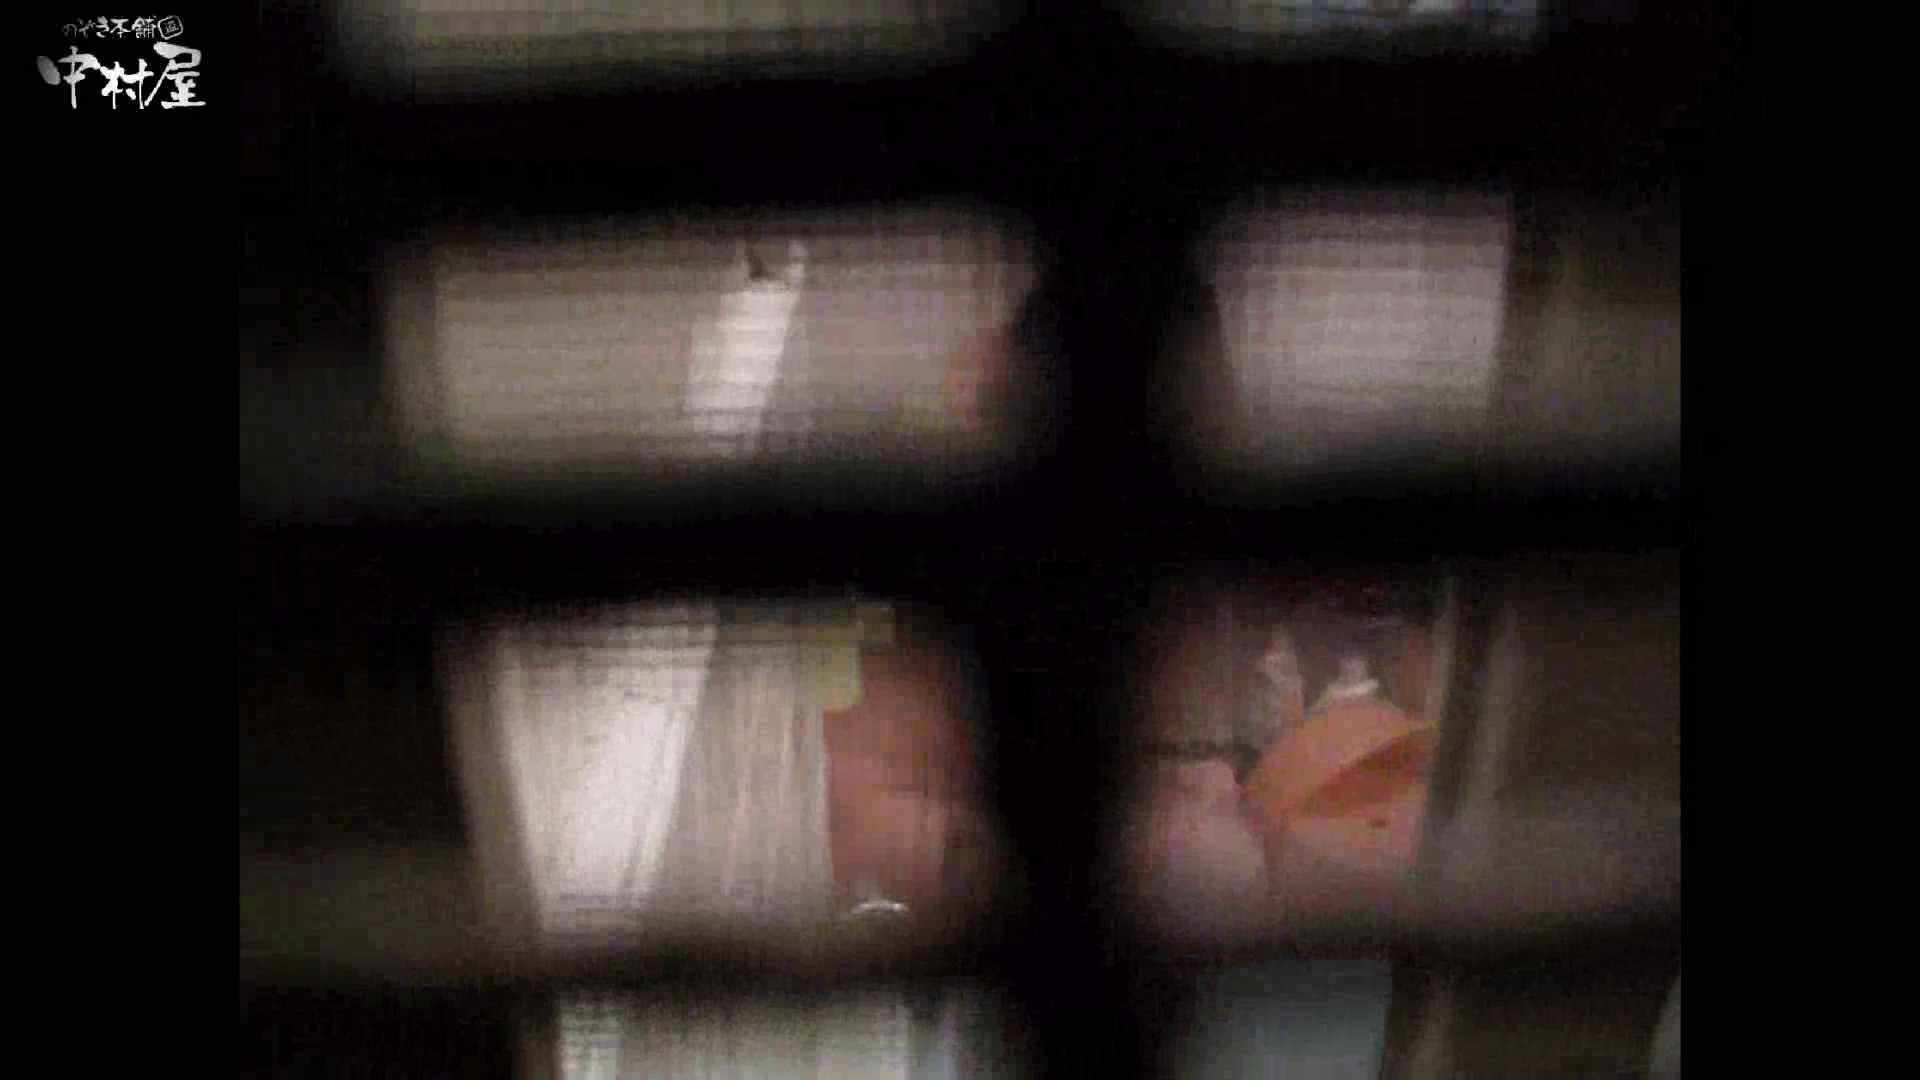 民家風呂専門盗撮師の超危険映像 vol.017 盗撮 覗きおまんこ画像 87画像 87